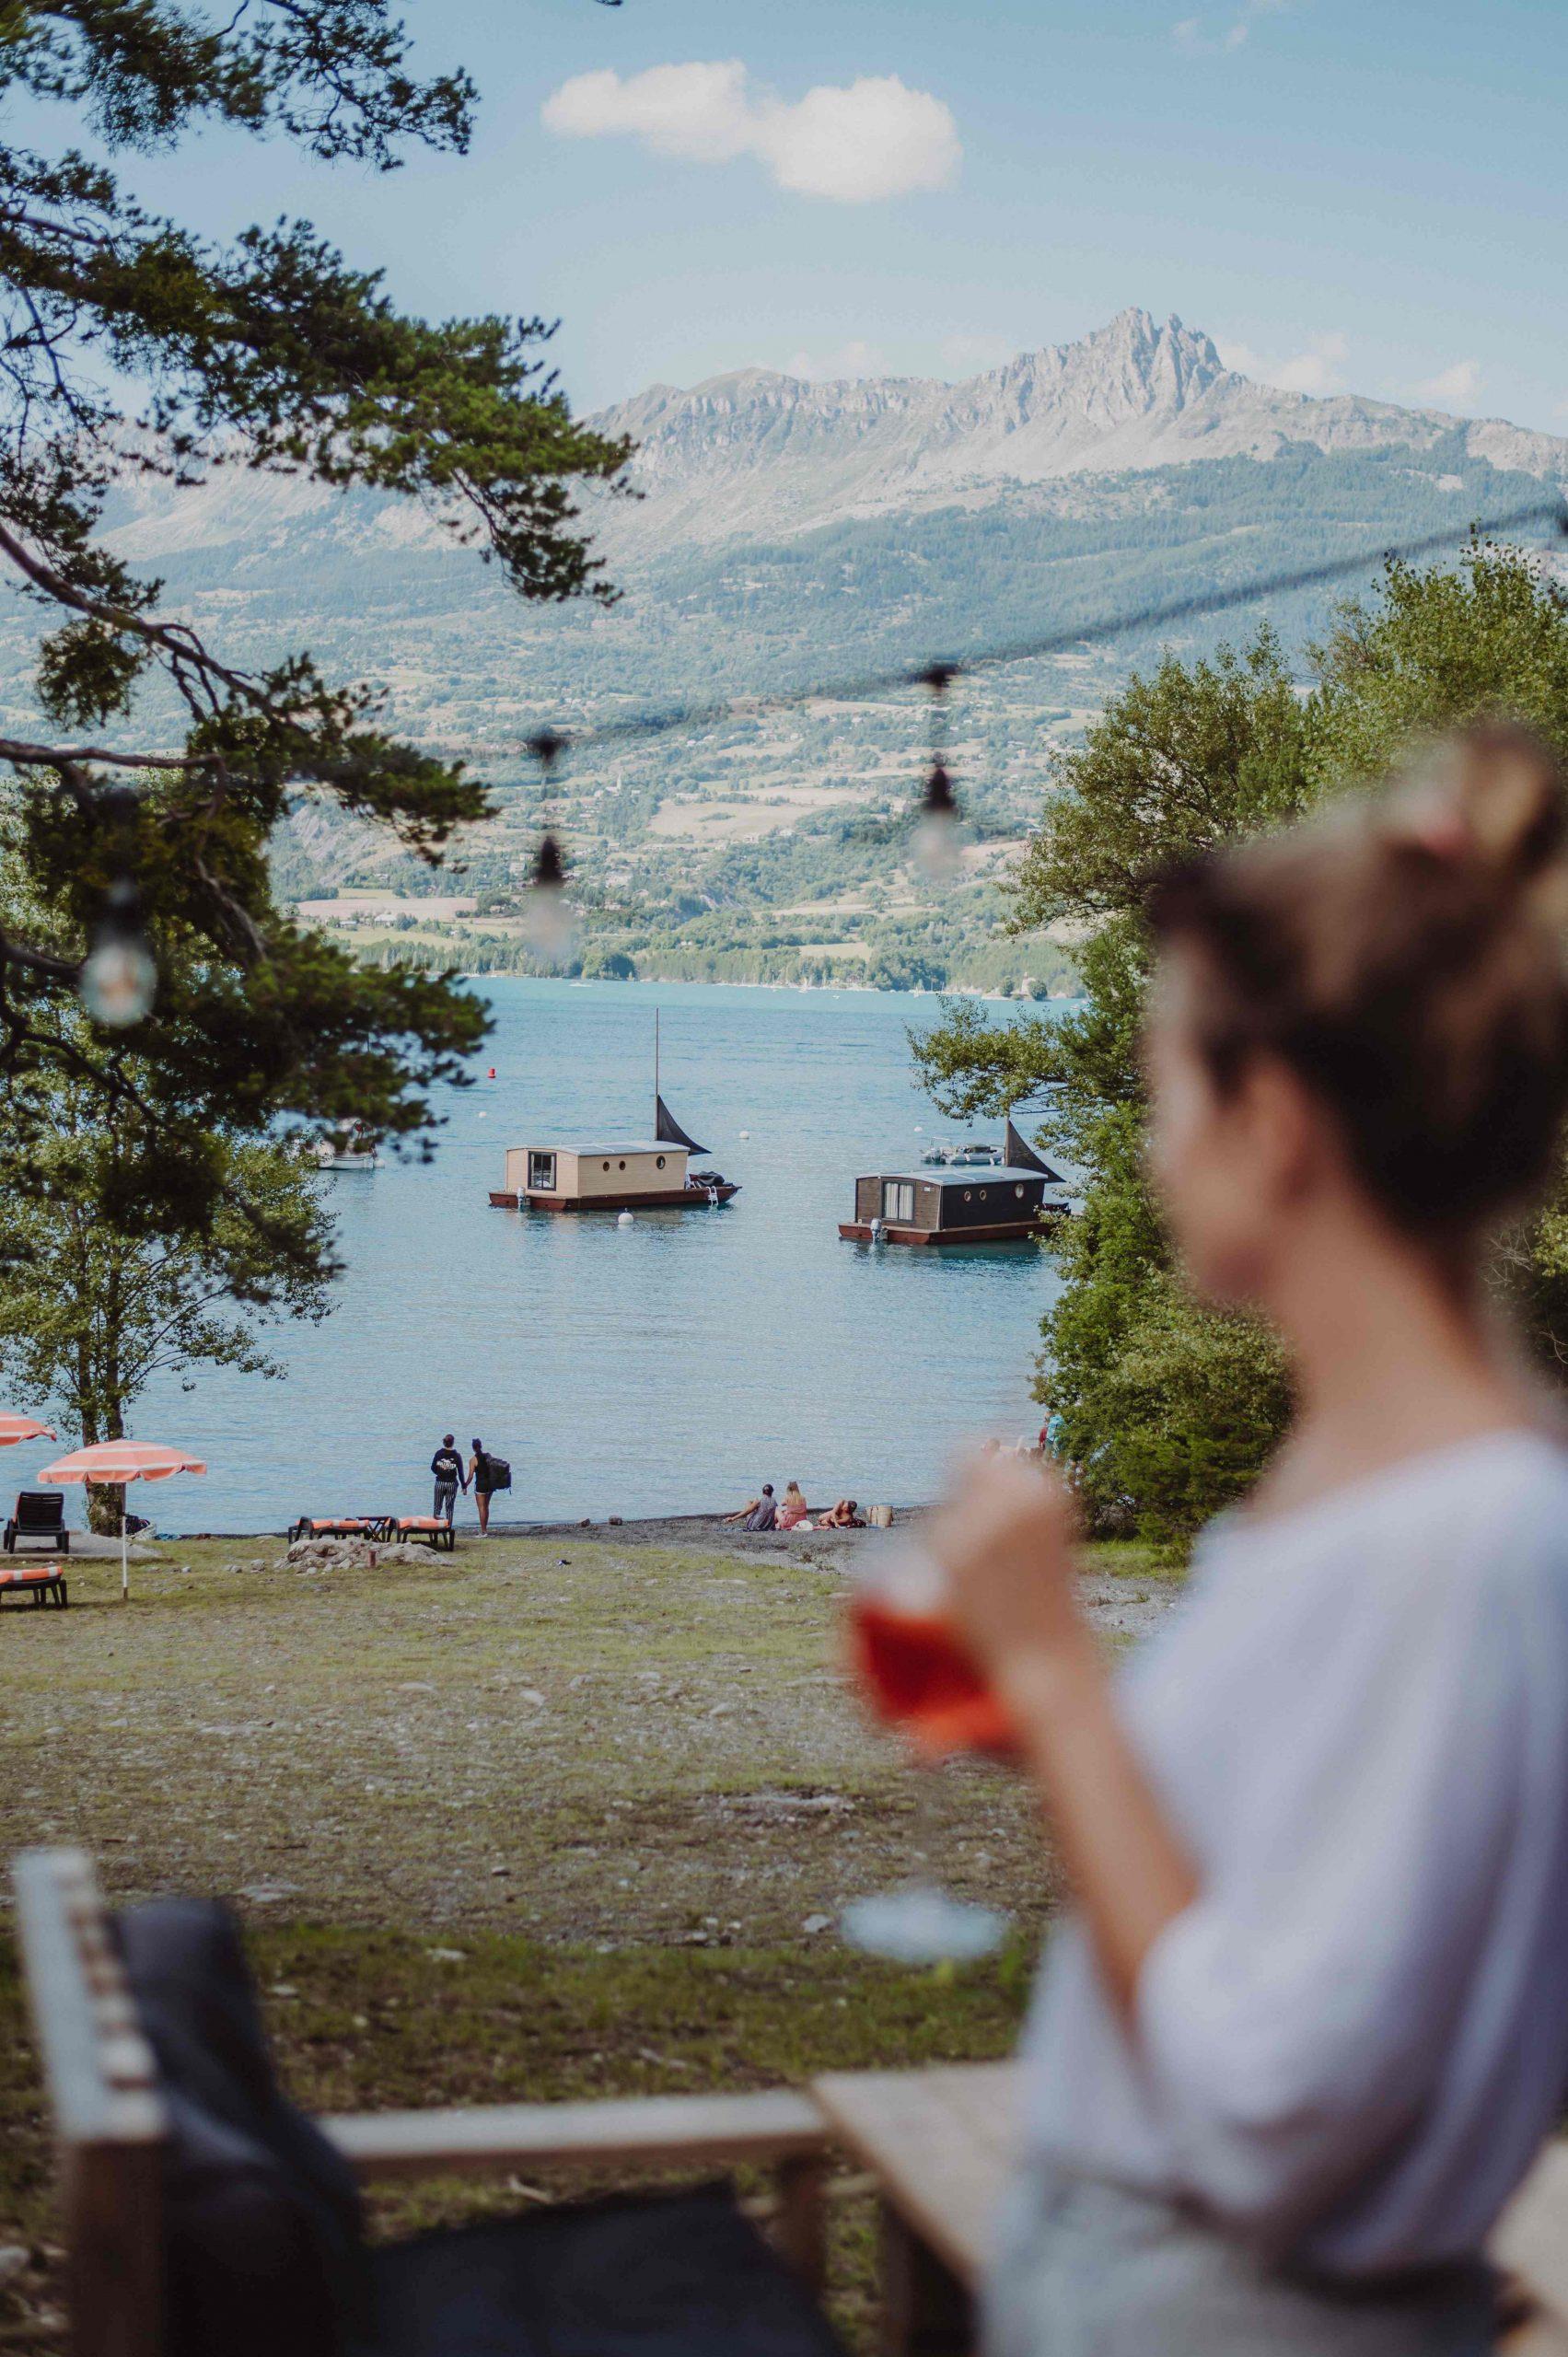 la paillote du lac et les toues cabanées